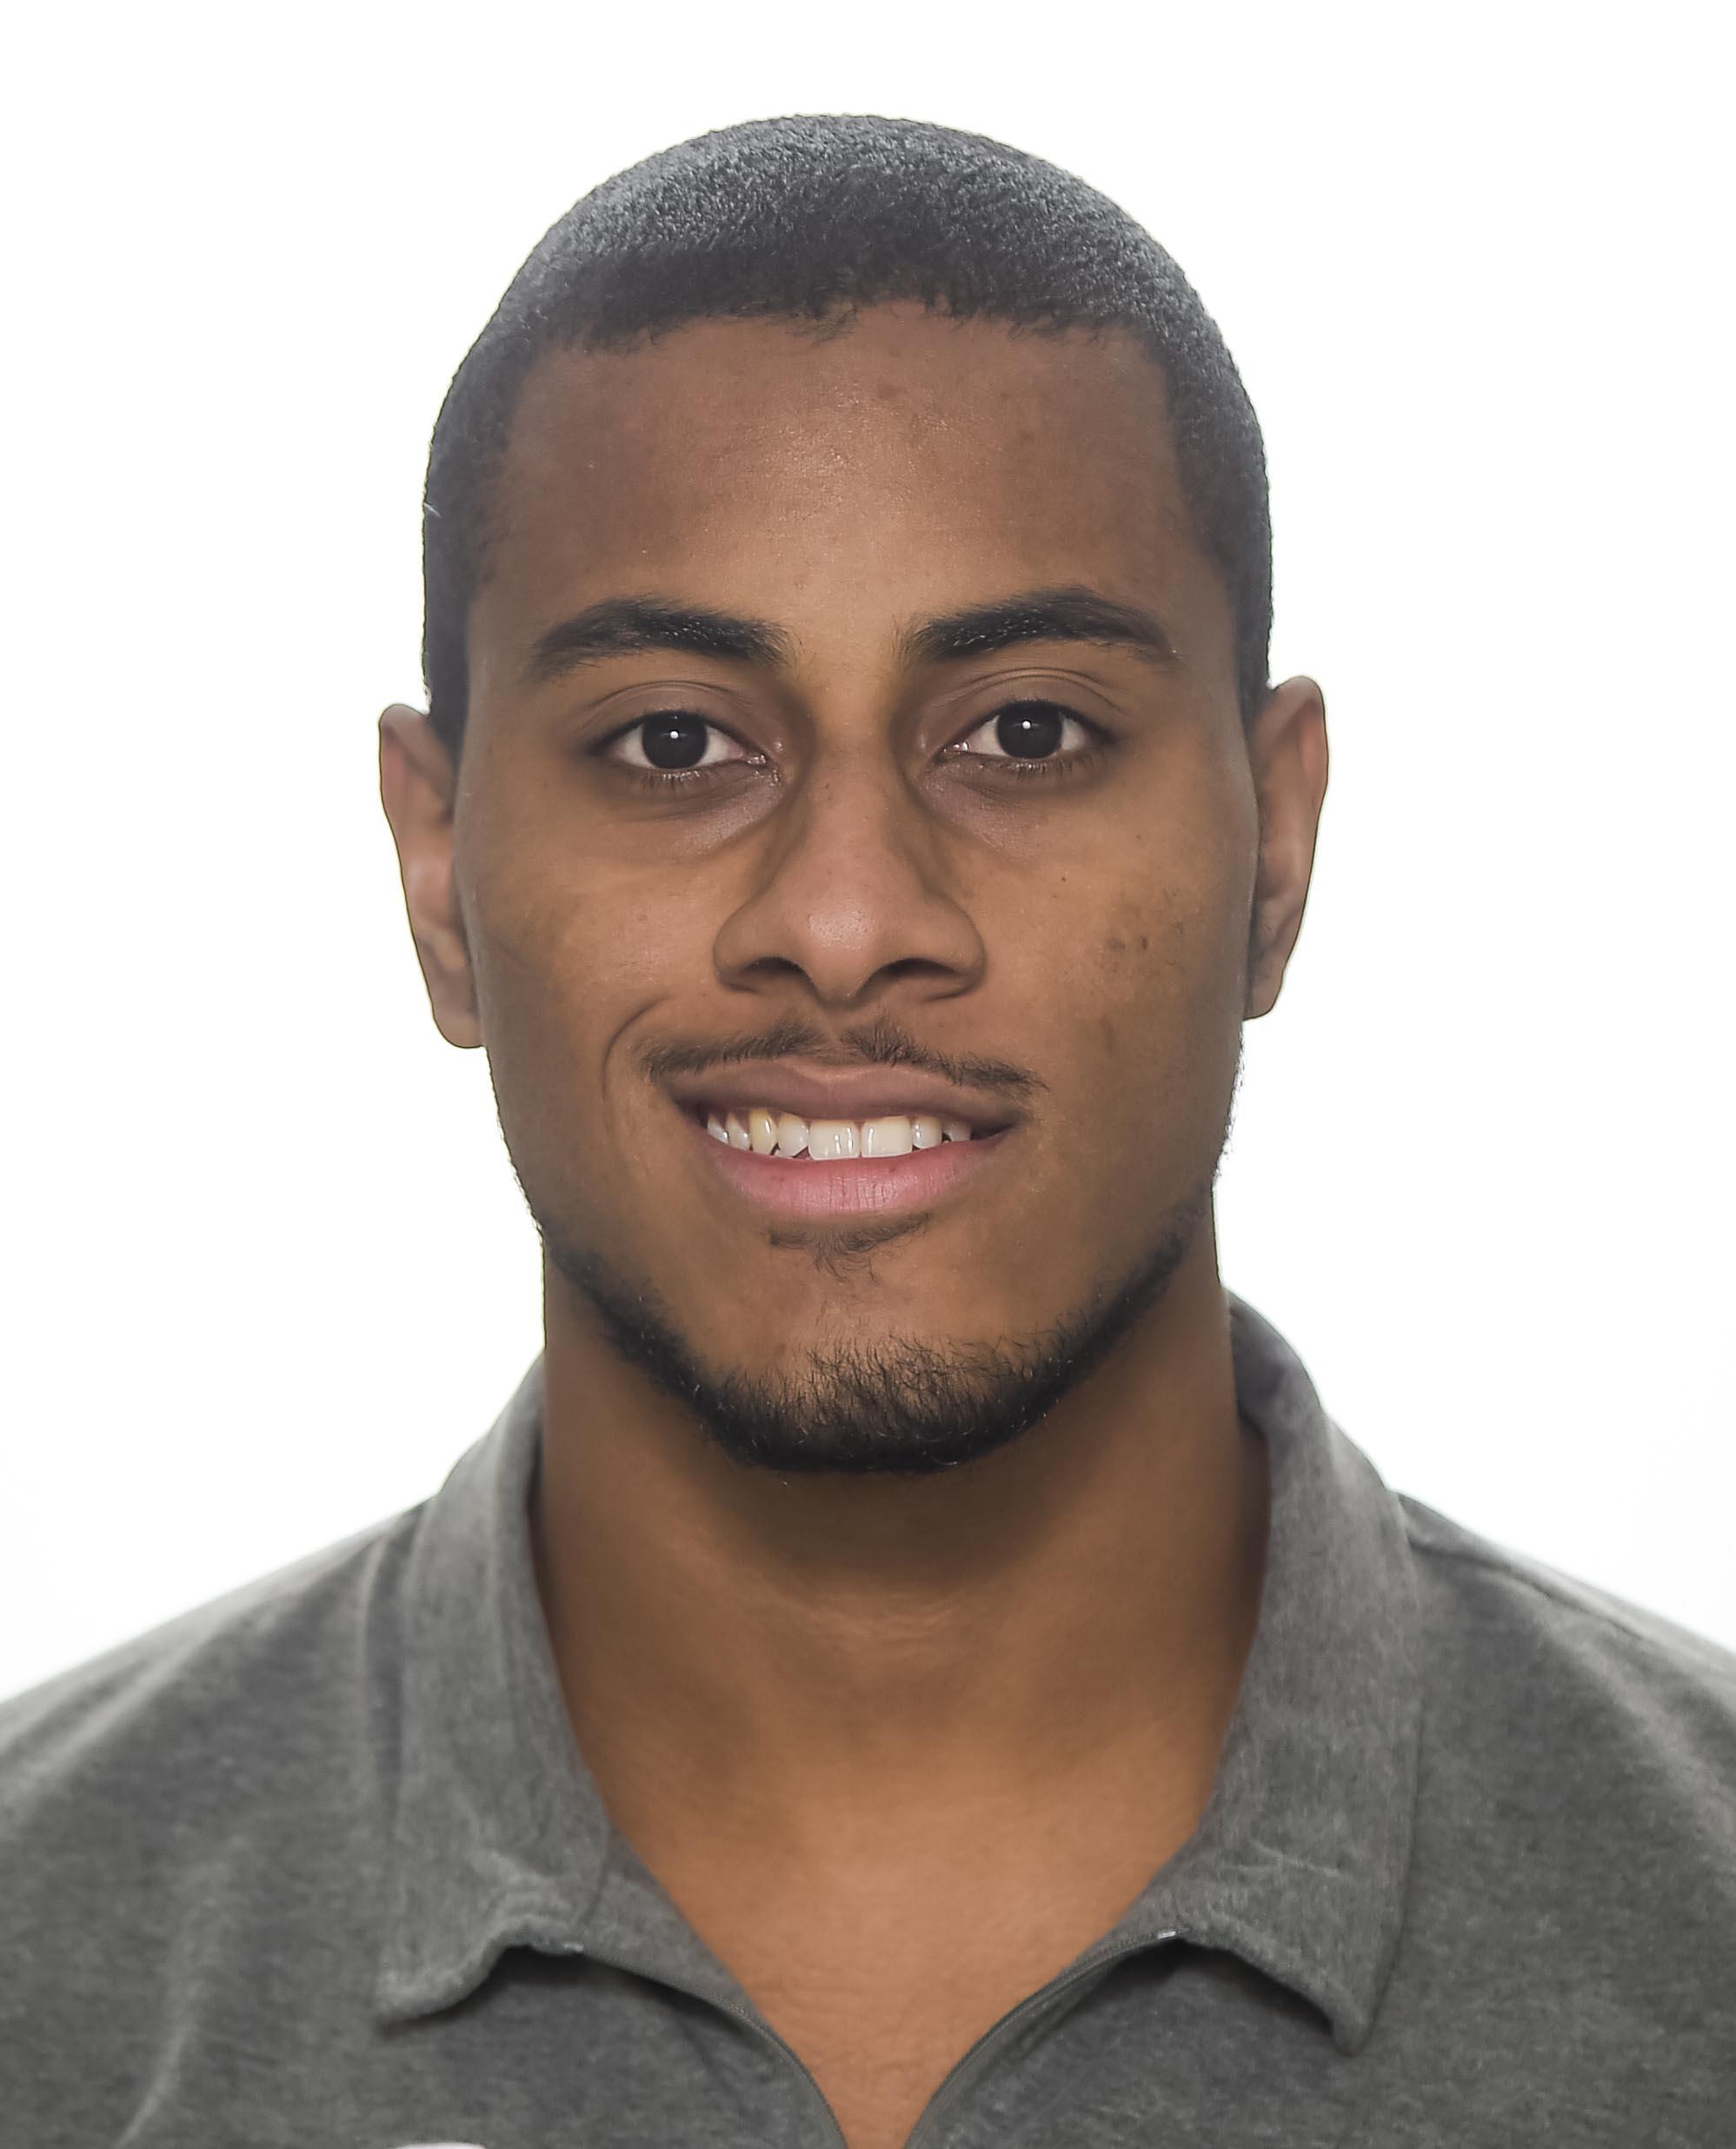 Ricardo Lucarelli Souza